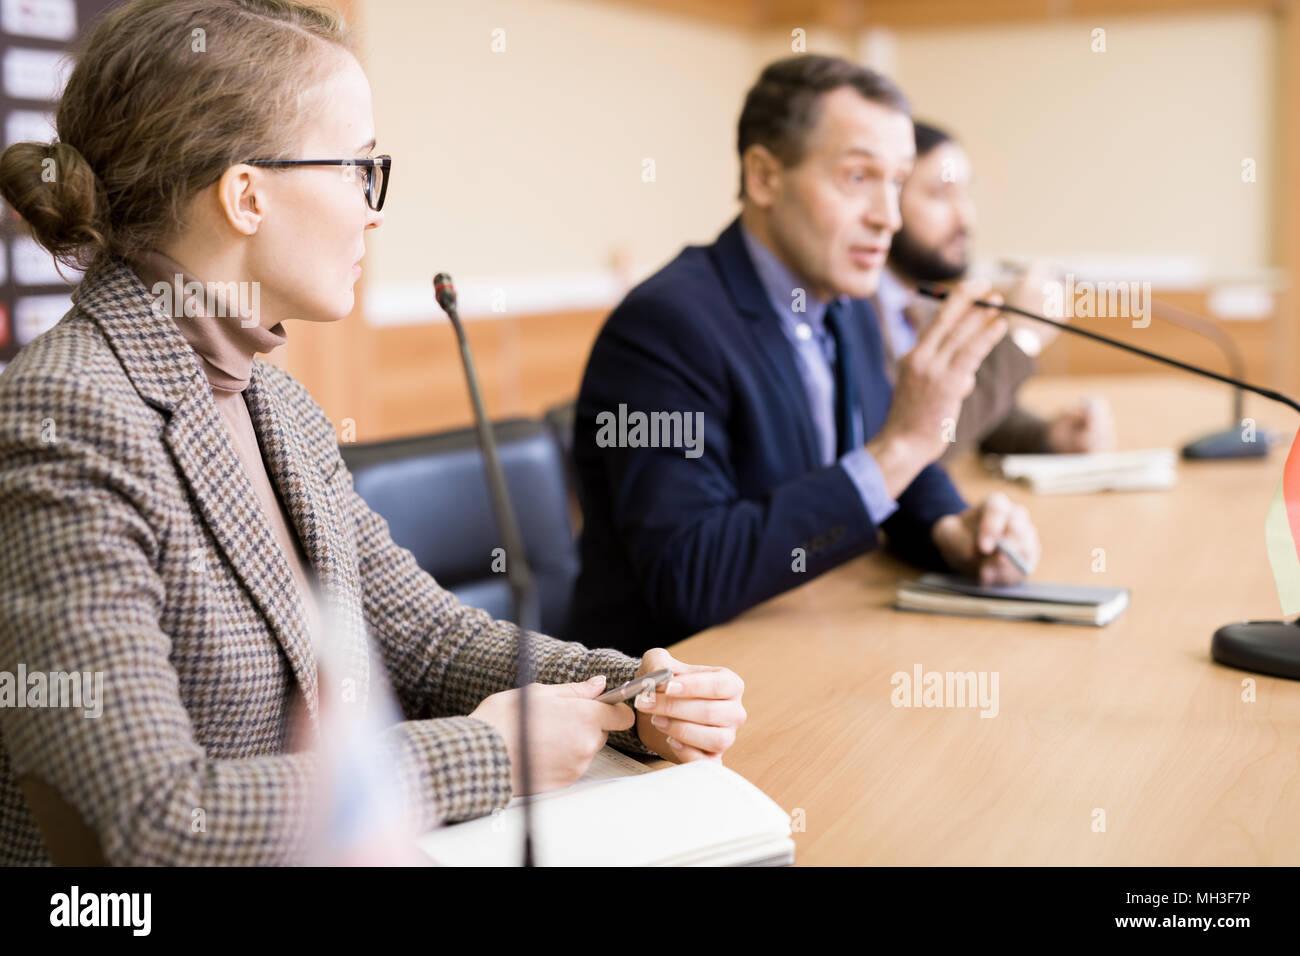 Groupe de gens d'affaires en conférence Photo Stock